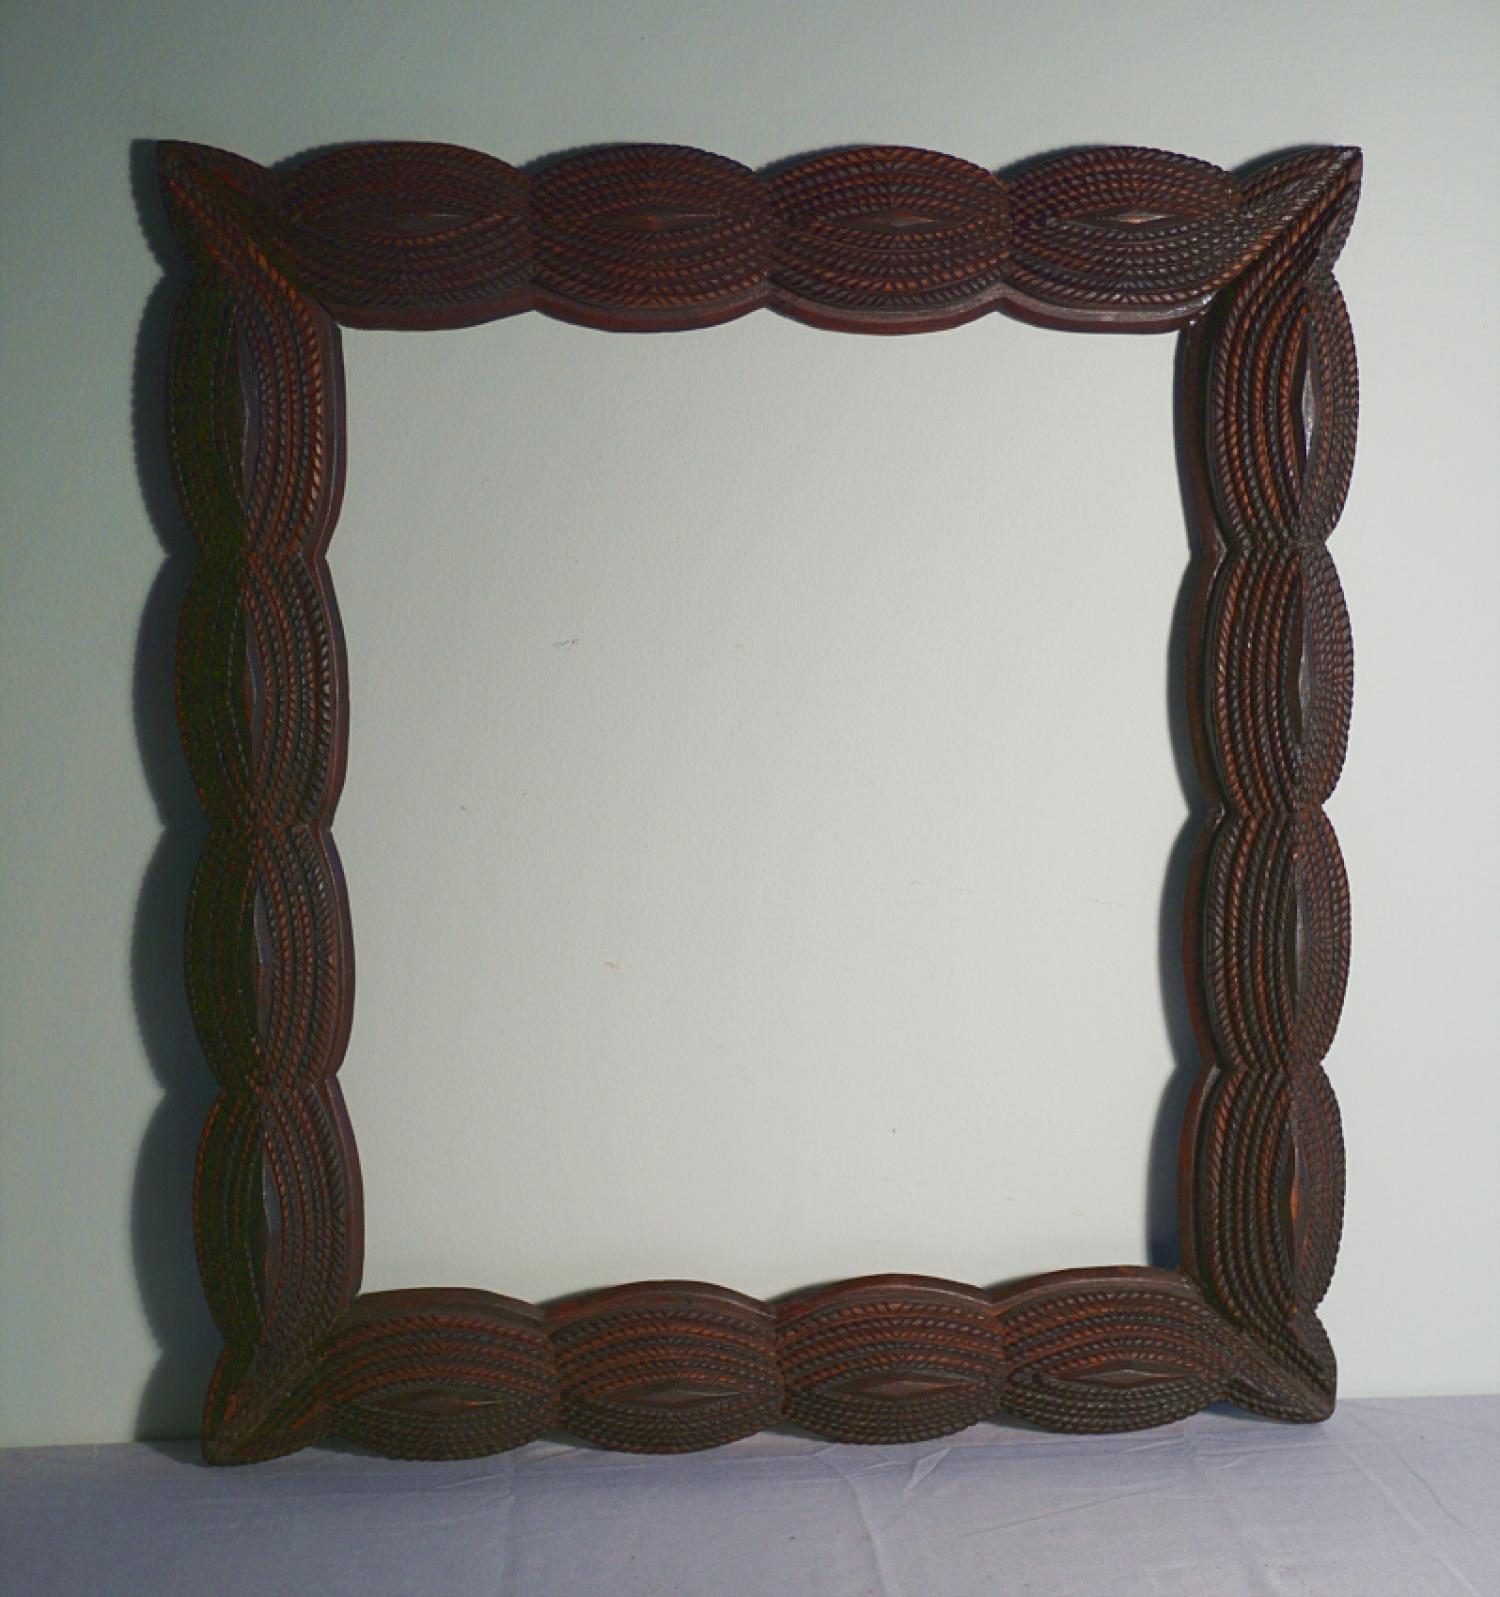 American folk art walnut frame c1880